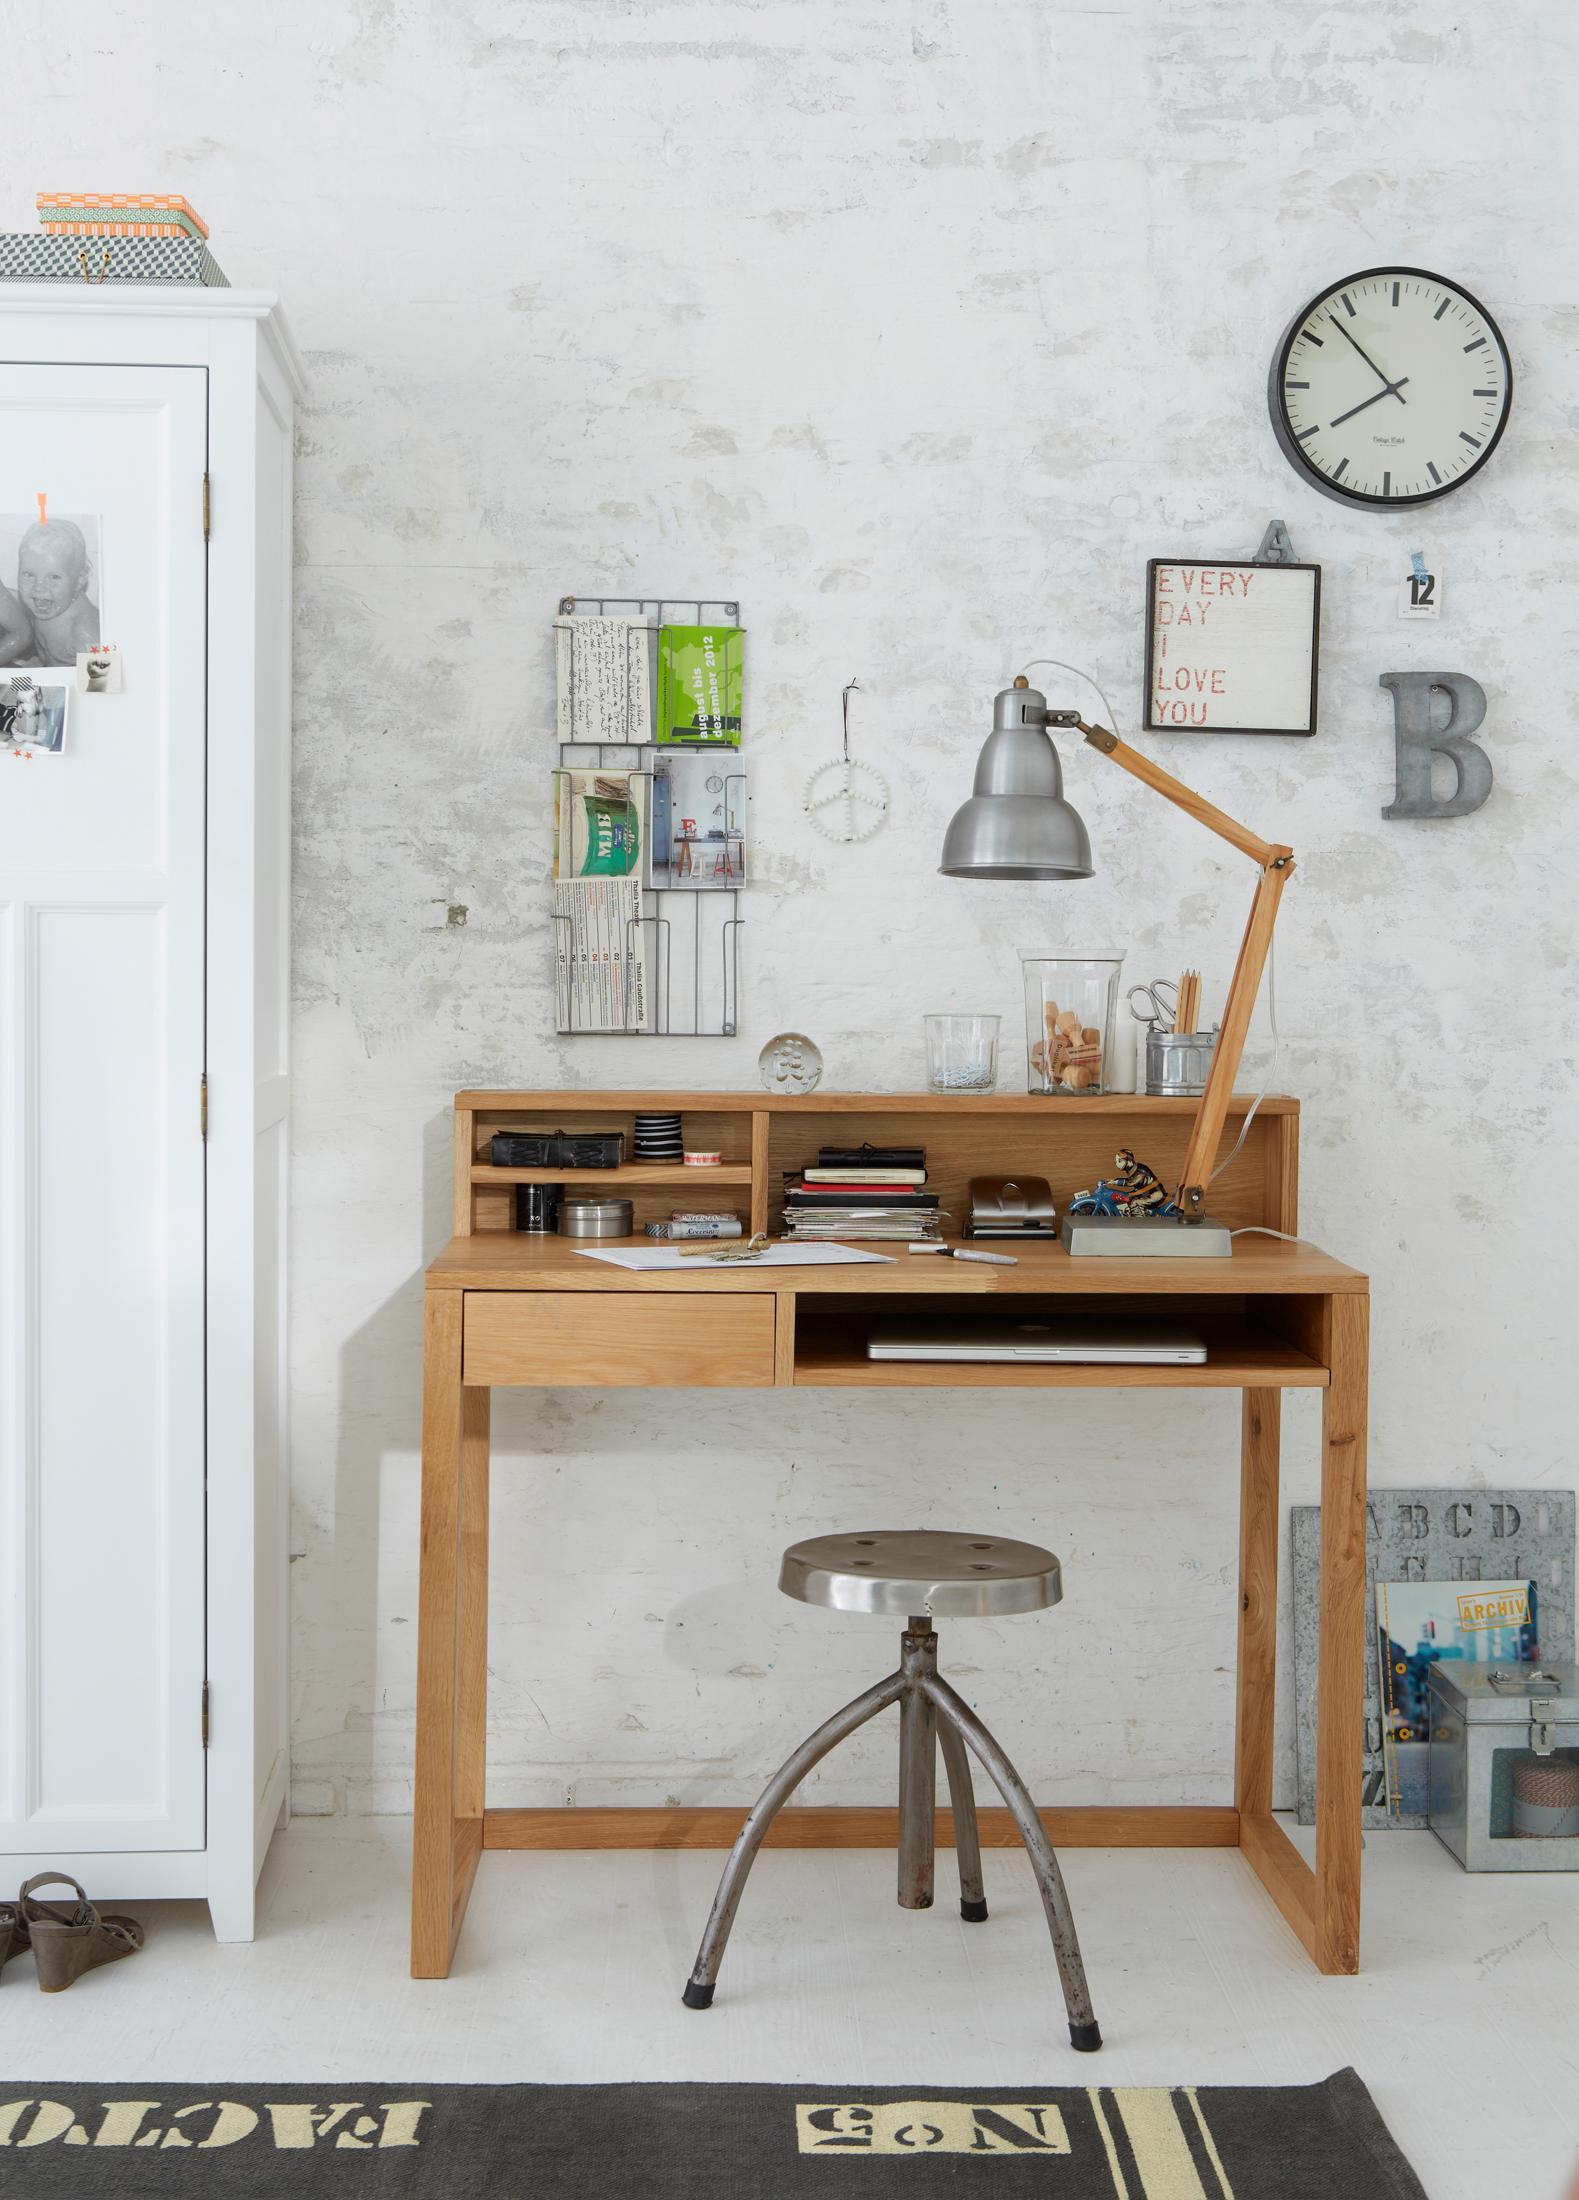 die perfekte k chenlampe wir zeigen dir beleuchtungsideen und lampenl sungen f r deine k che. Black Bedroom Furniture Sets. Home Design Ideas